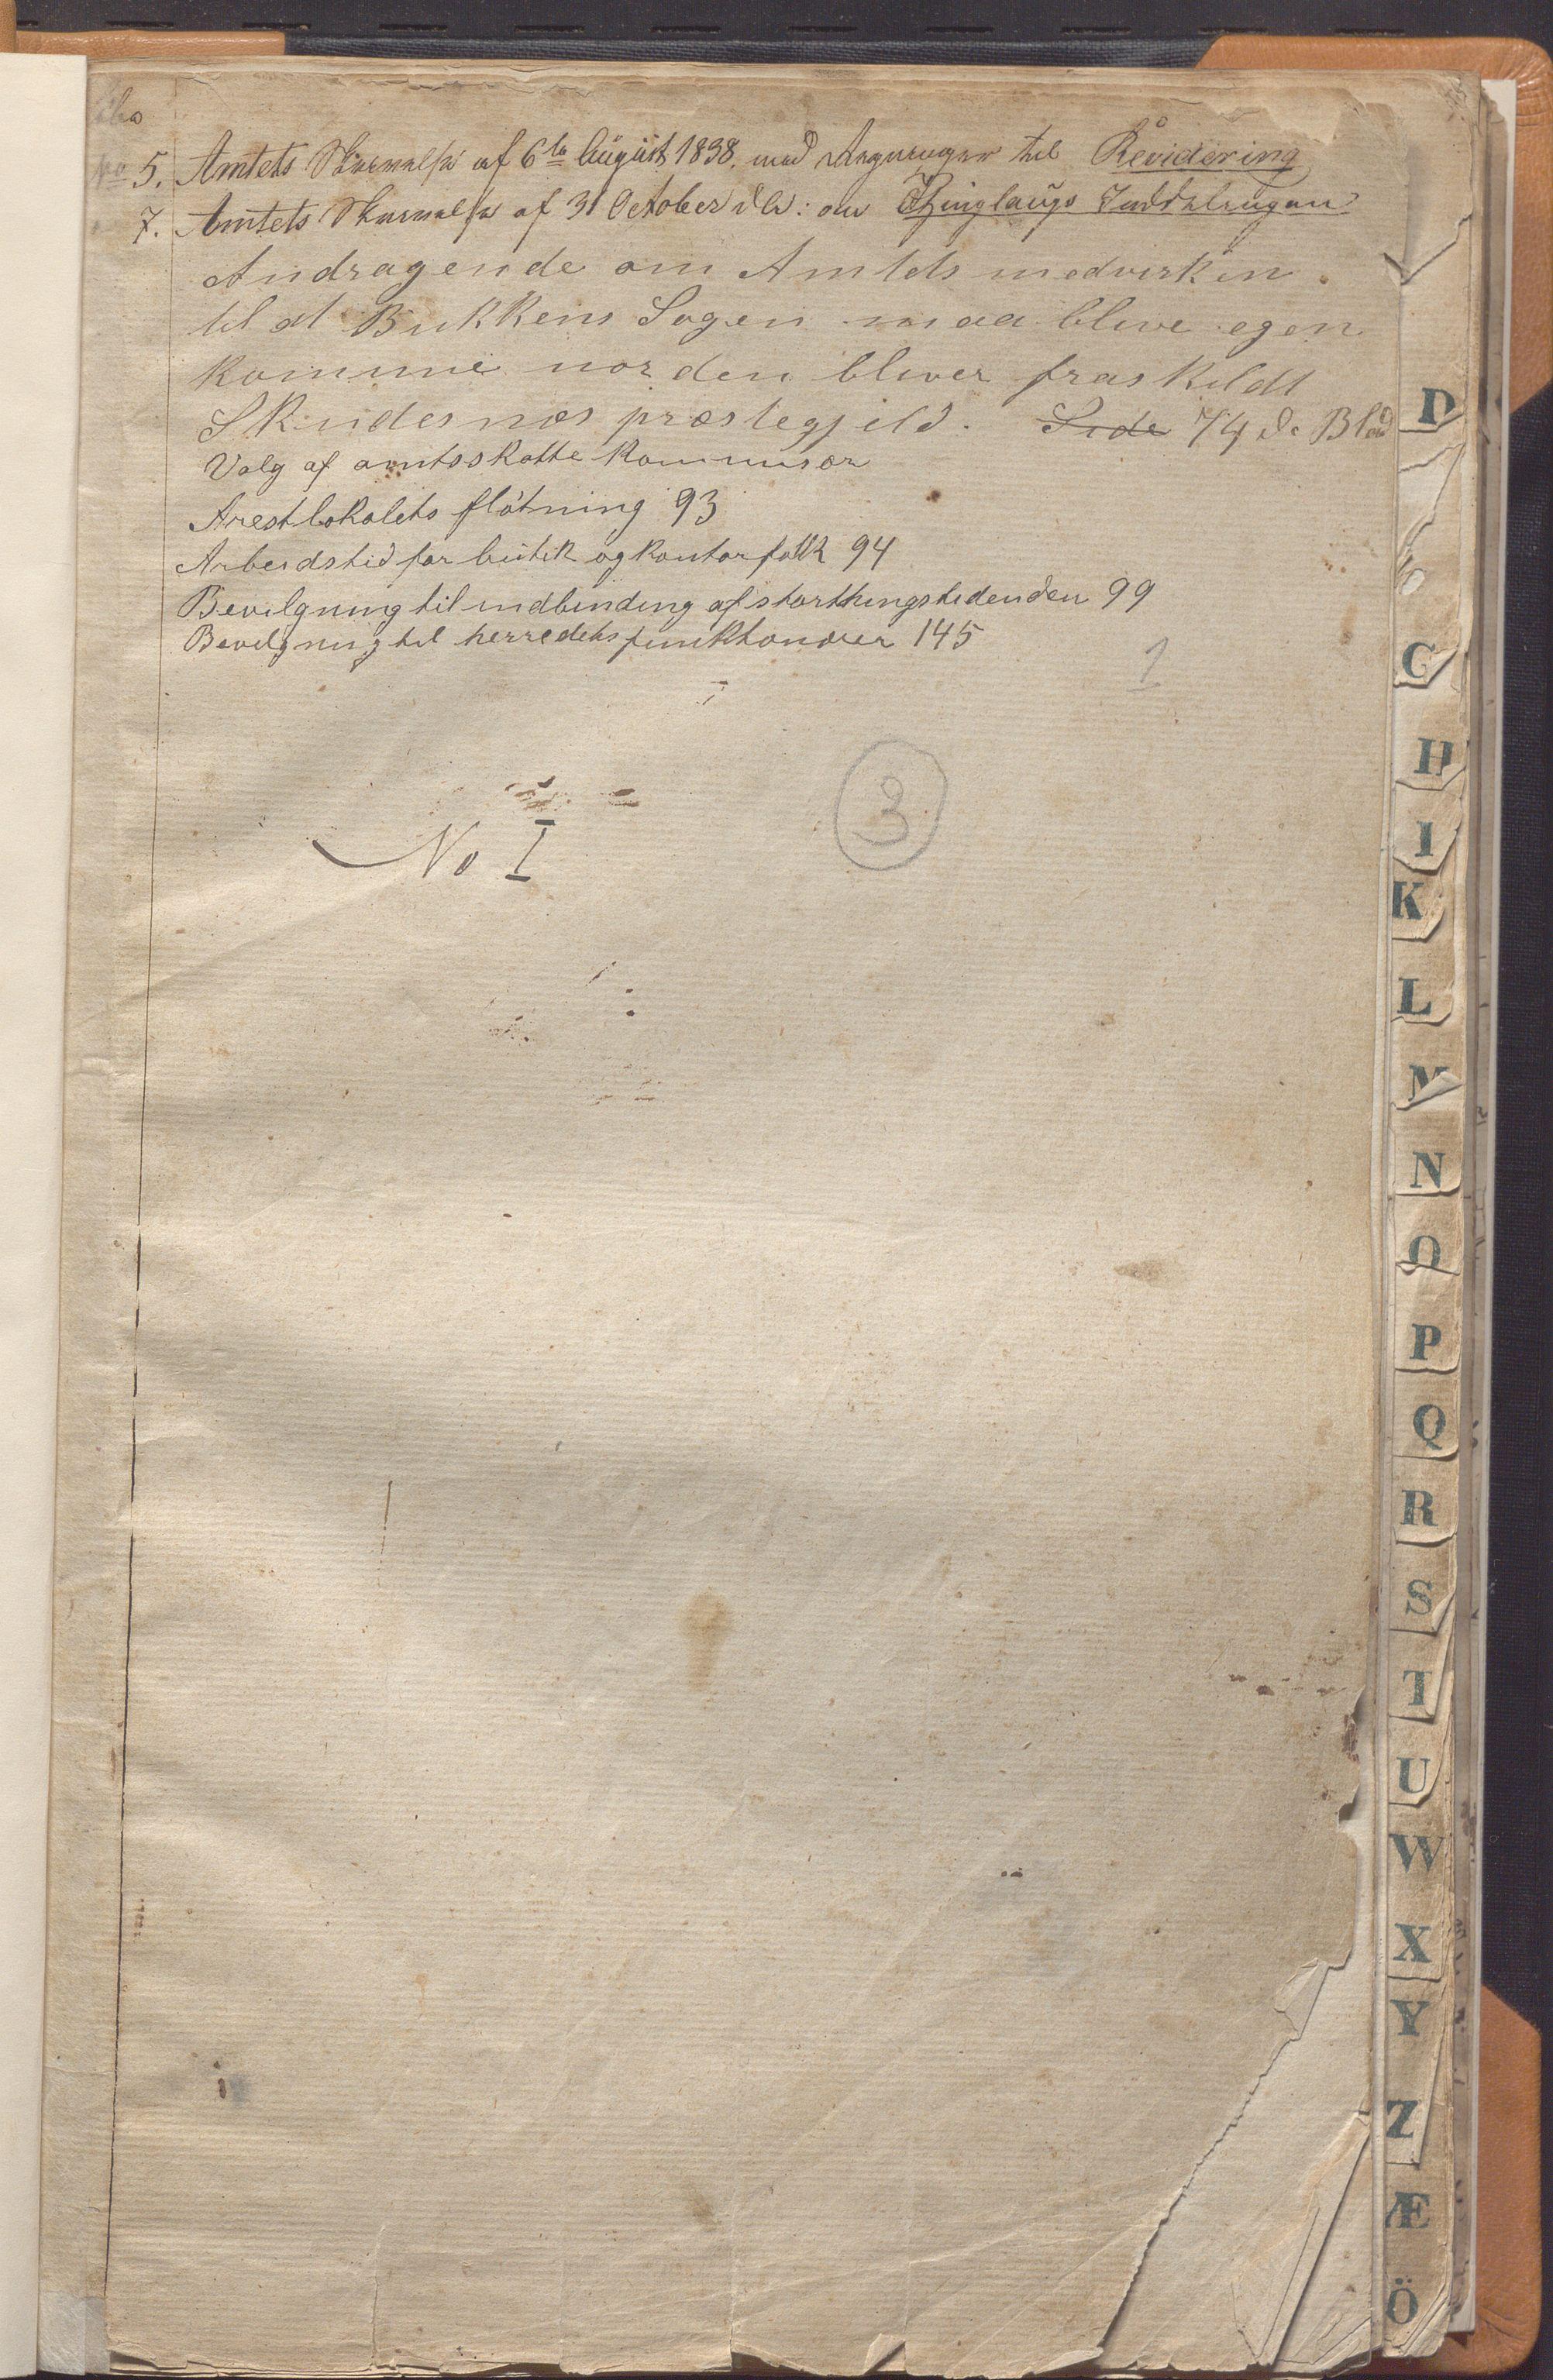 IKAR, Skudenes kommune - Formannskapet, Aa/L0001: Møtebok, 1837-1868, s. 1a